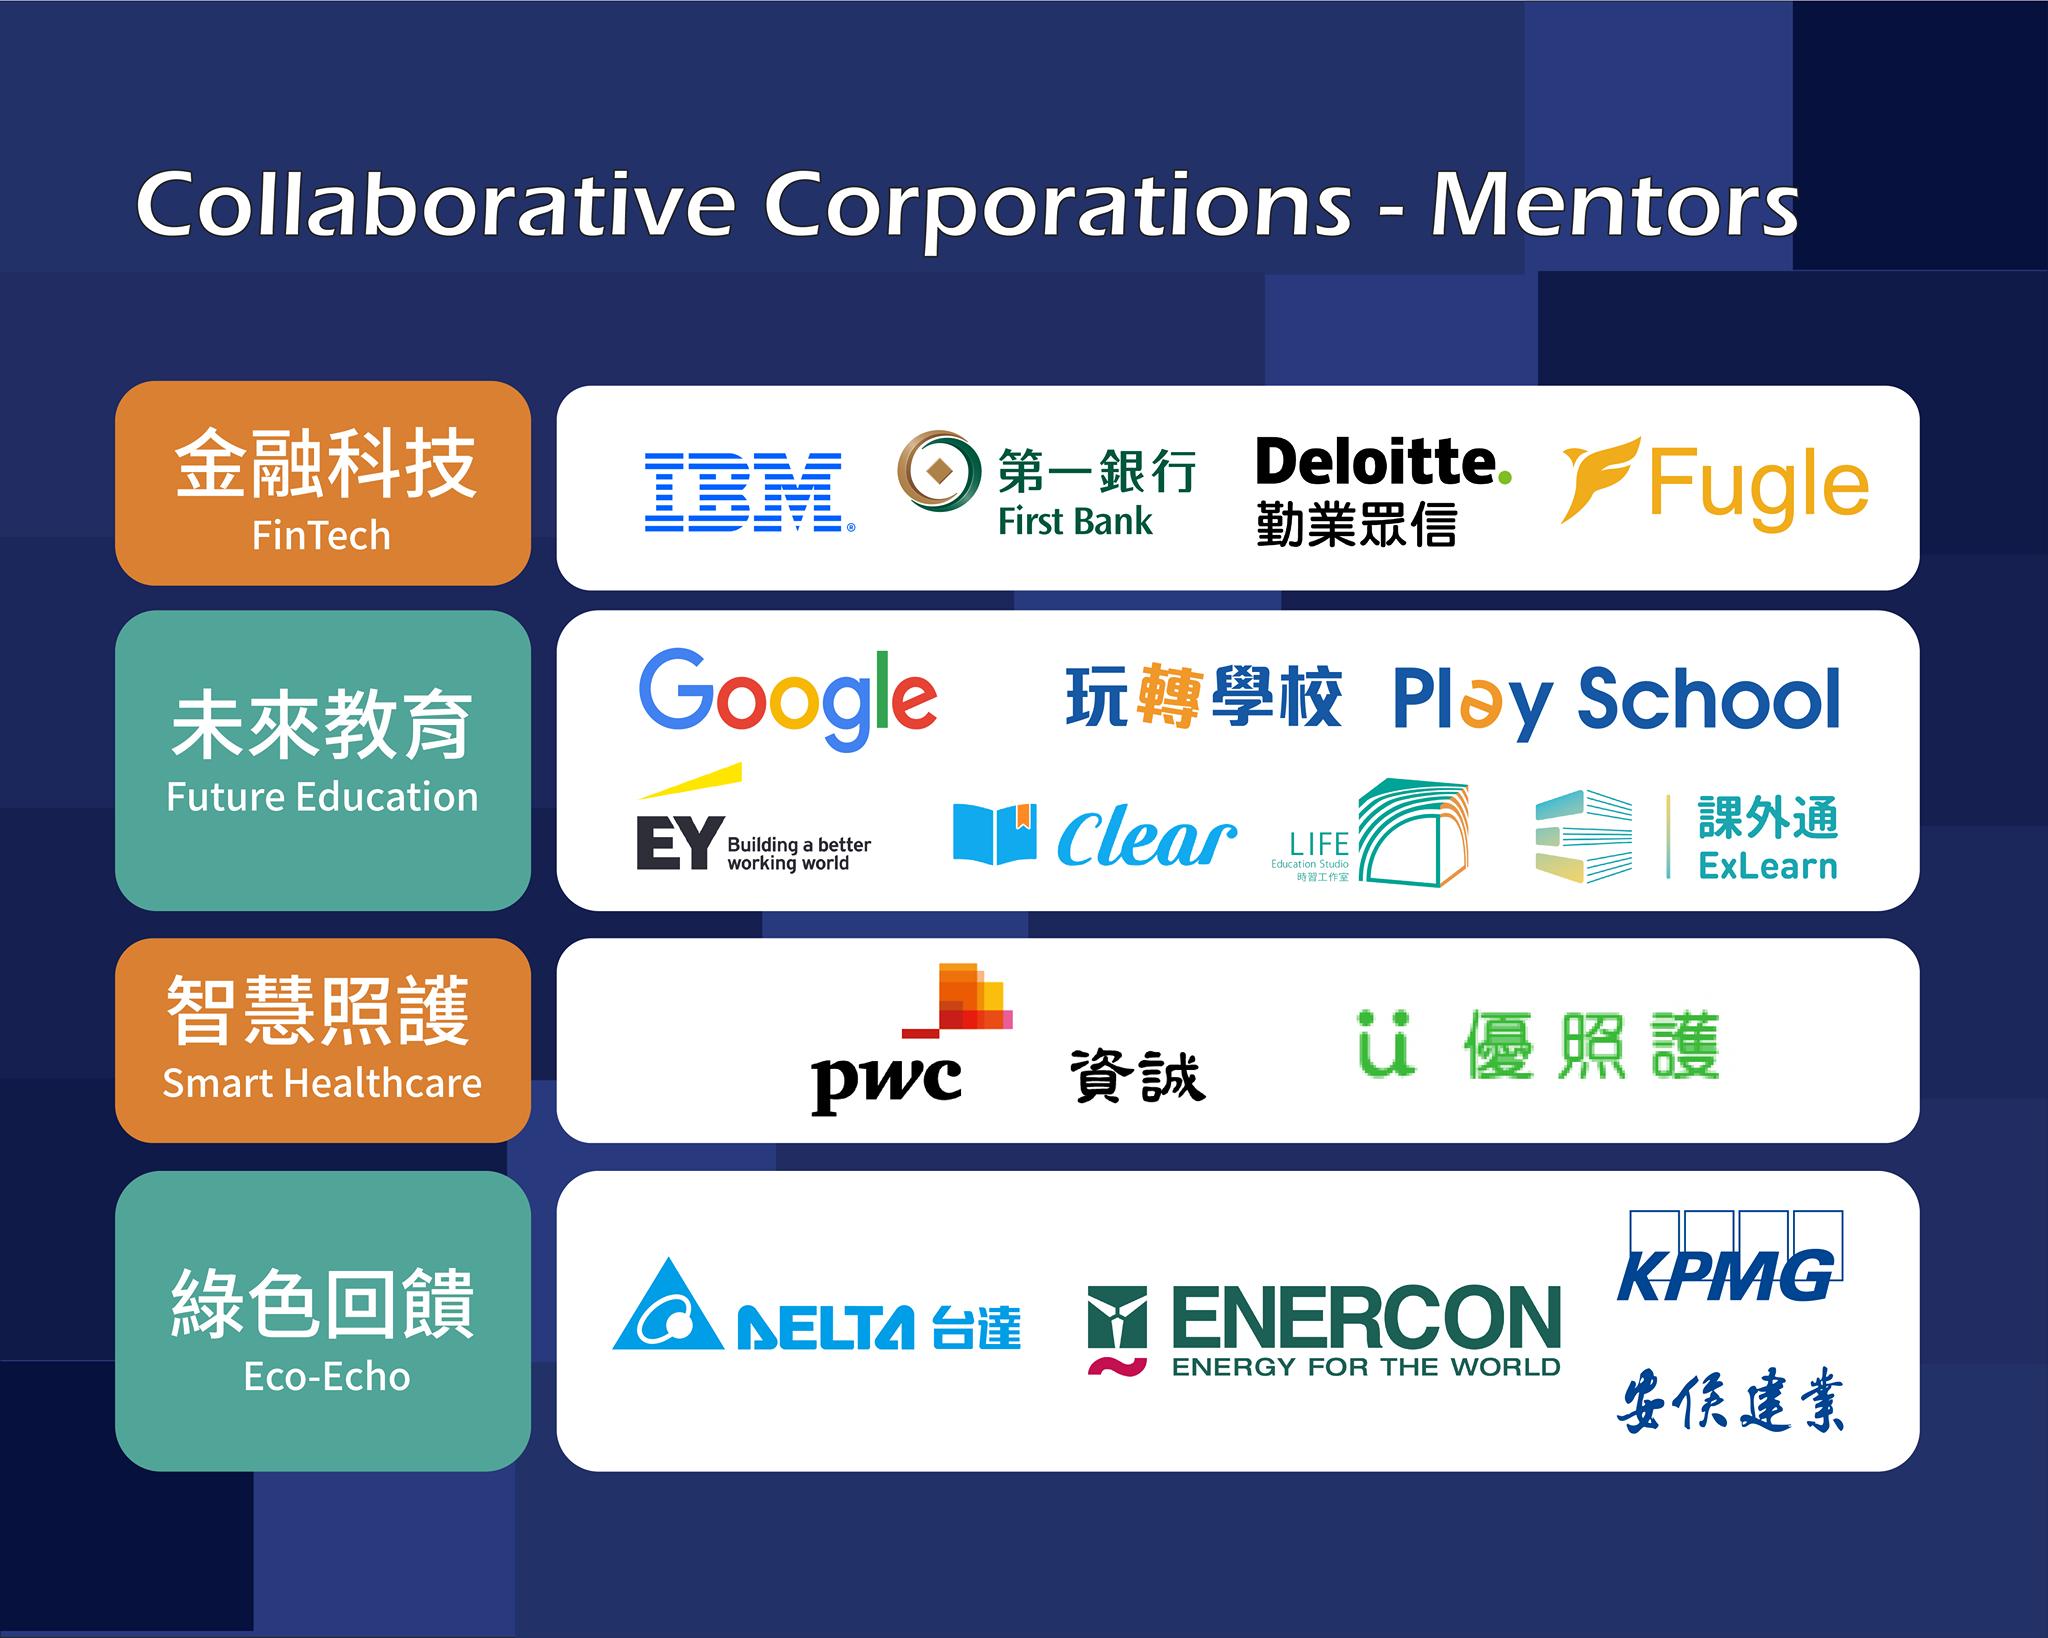 〔GIS Taiwan全球集思論壇〕給自己一個與企業面對面的機會-GIS Taiwan